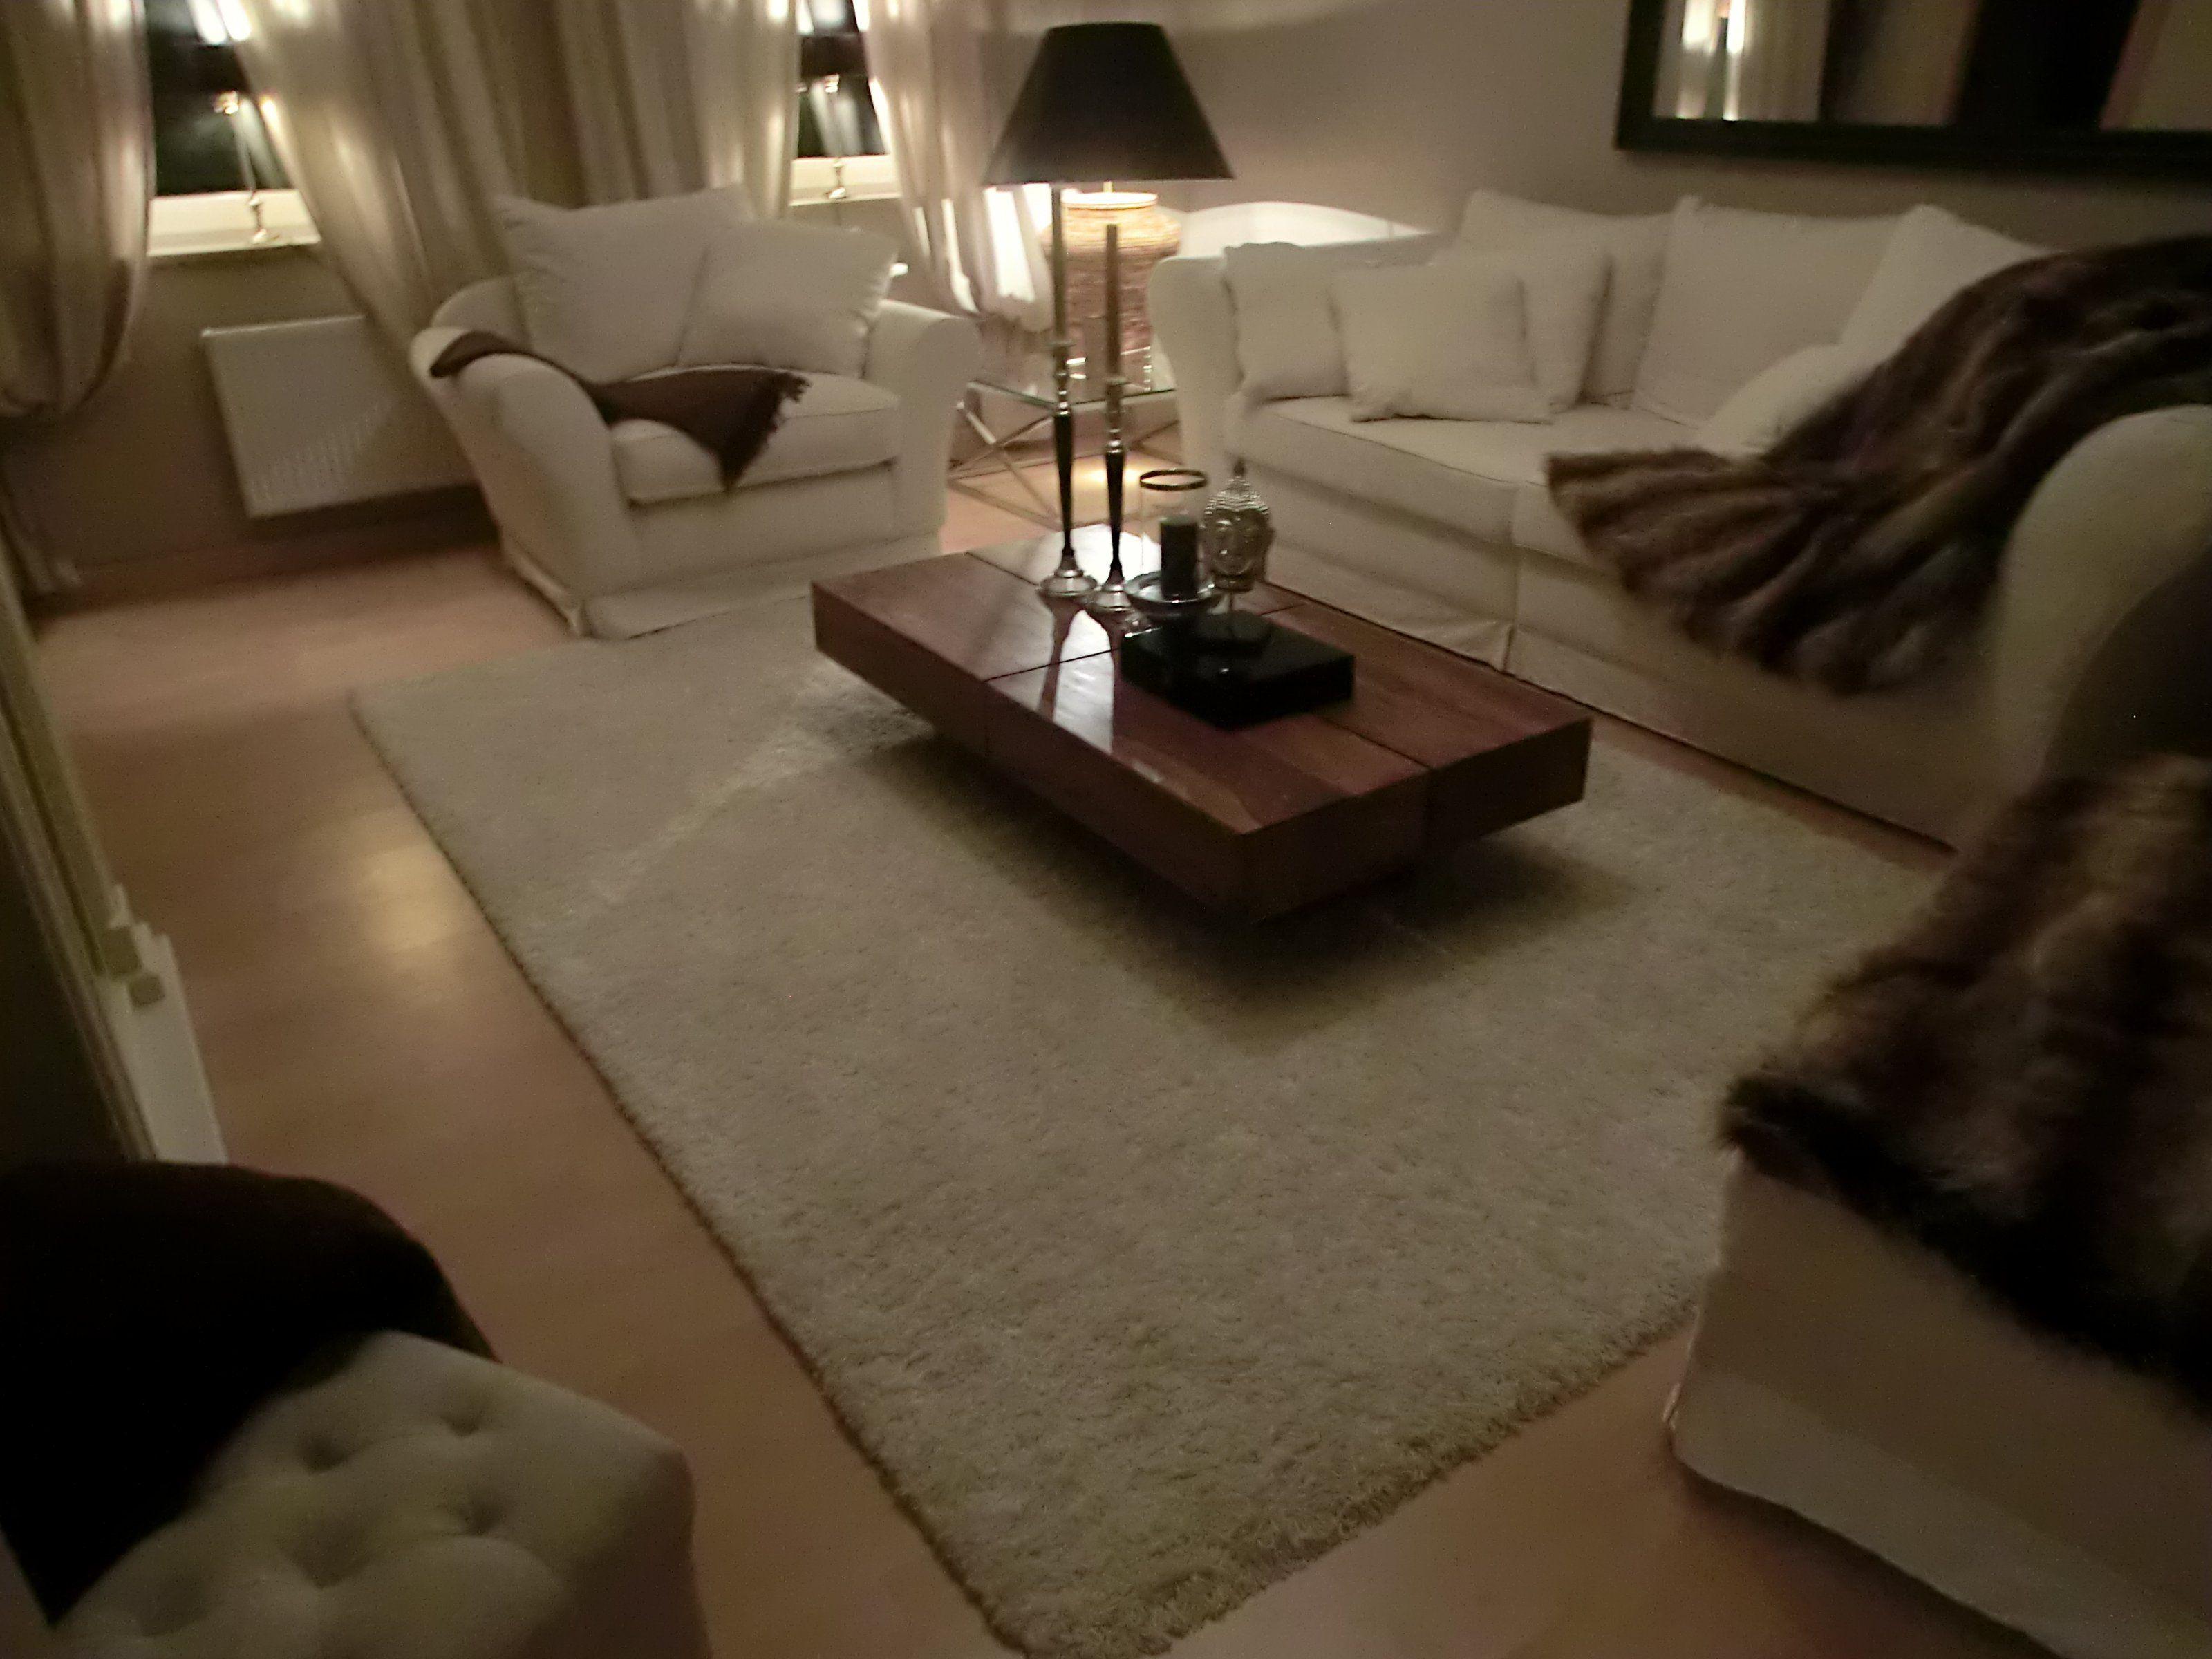 Wohnzimmer \'Wohnzimmer\' | WG-Zimmer | Pinterest | Wohnzimmer, Wg ...